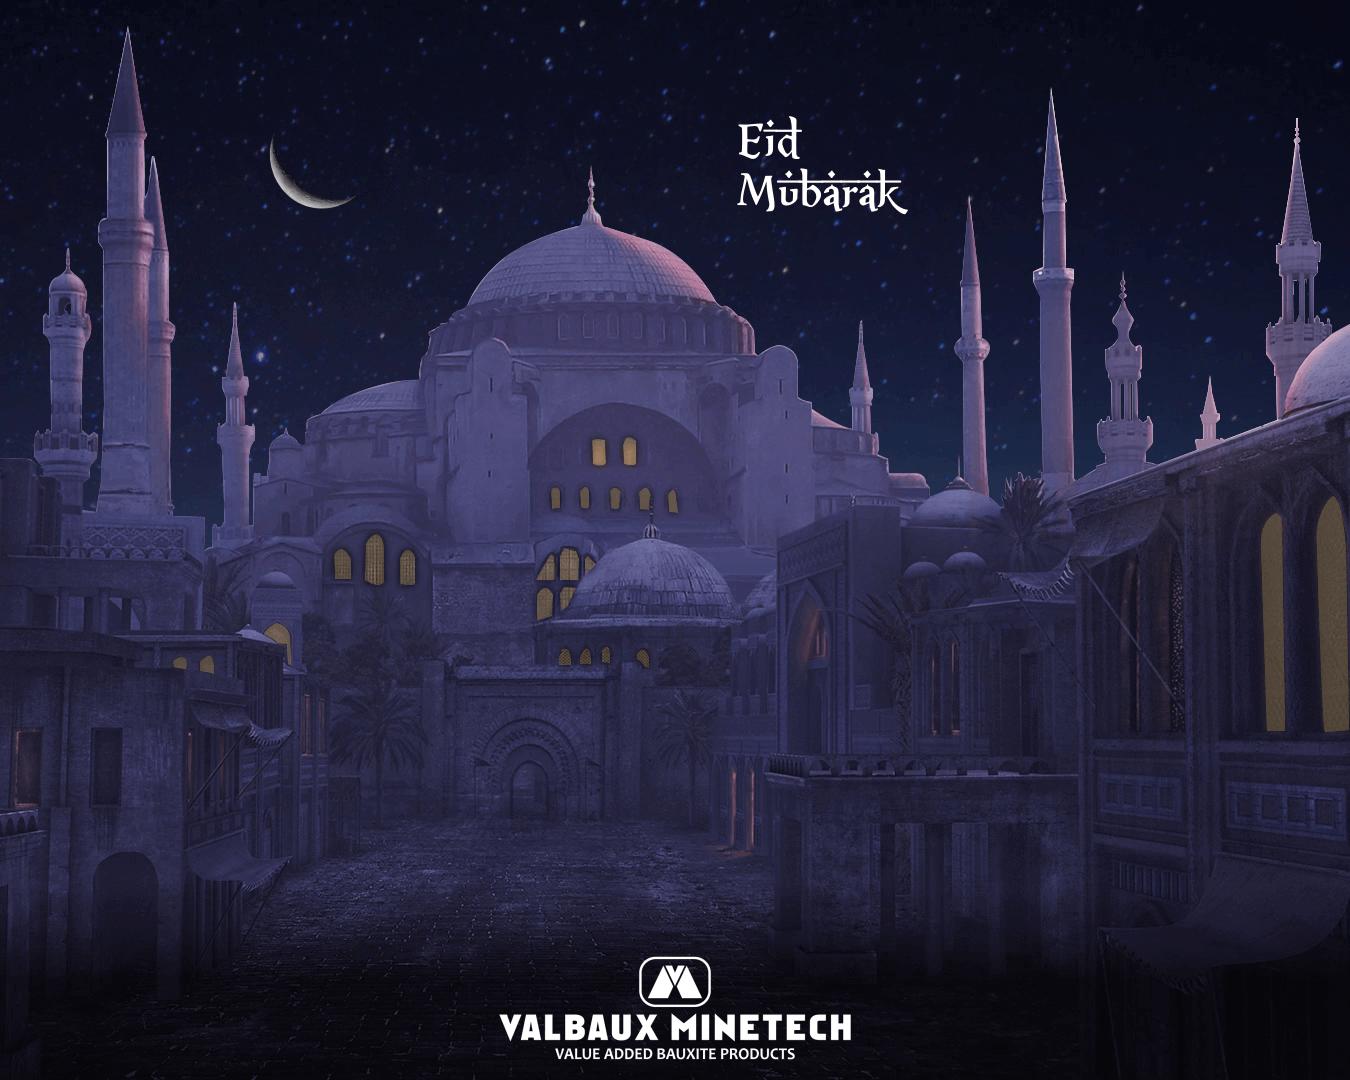 Eid Mubarak - Eid al-Fitr - 2020